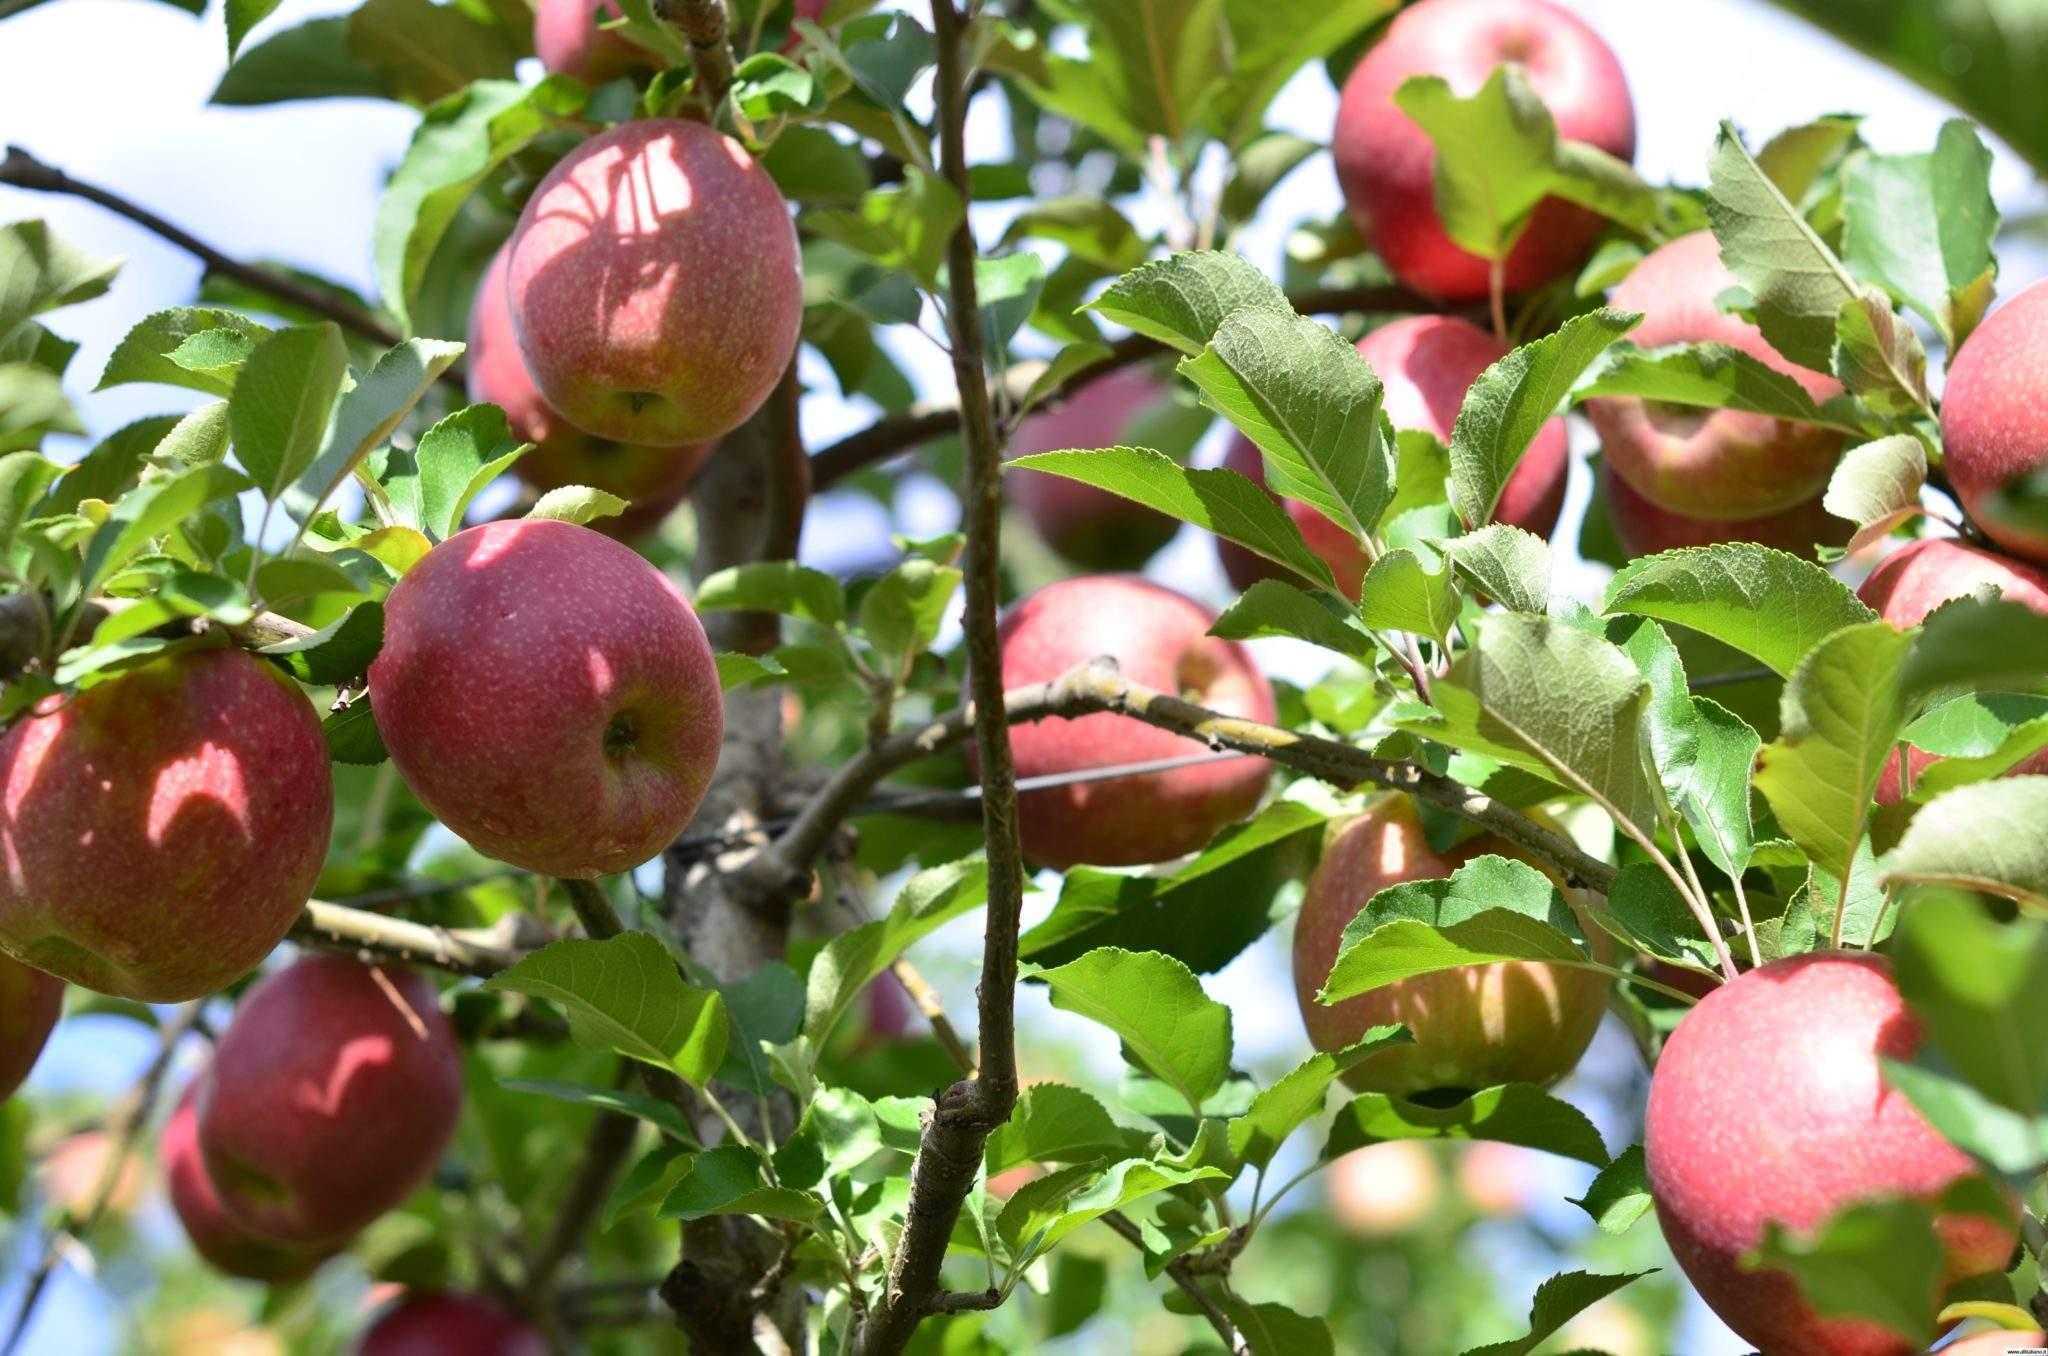 Болезни молодых яблонь и их лечение: фото с признаками